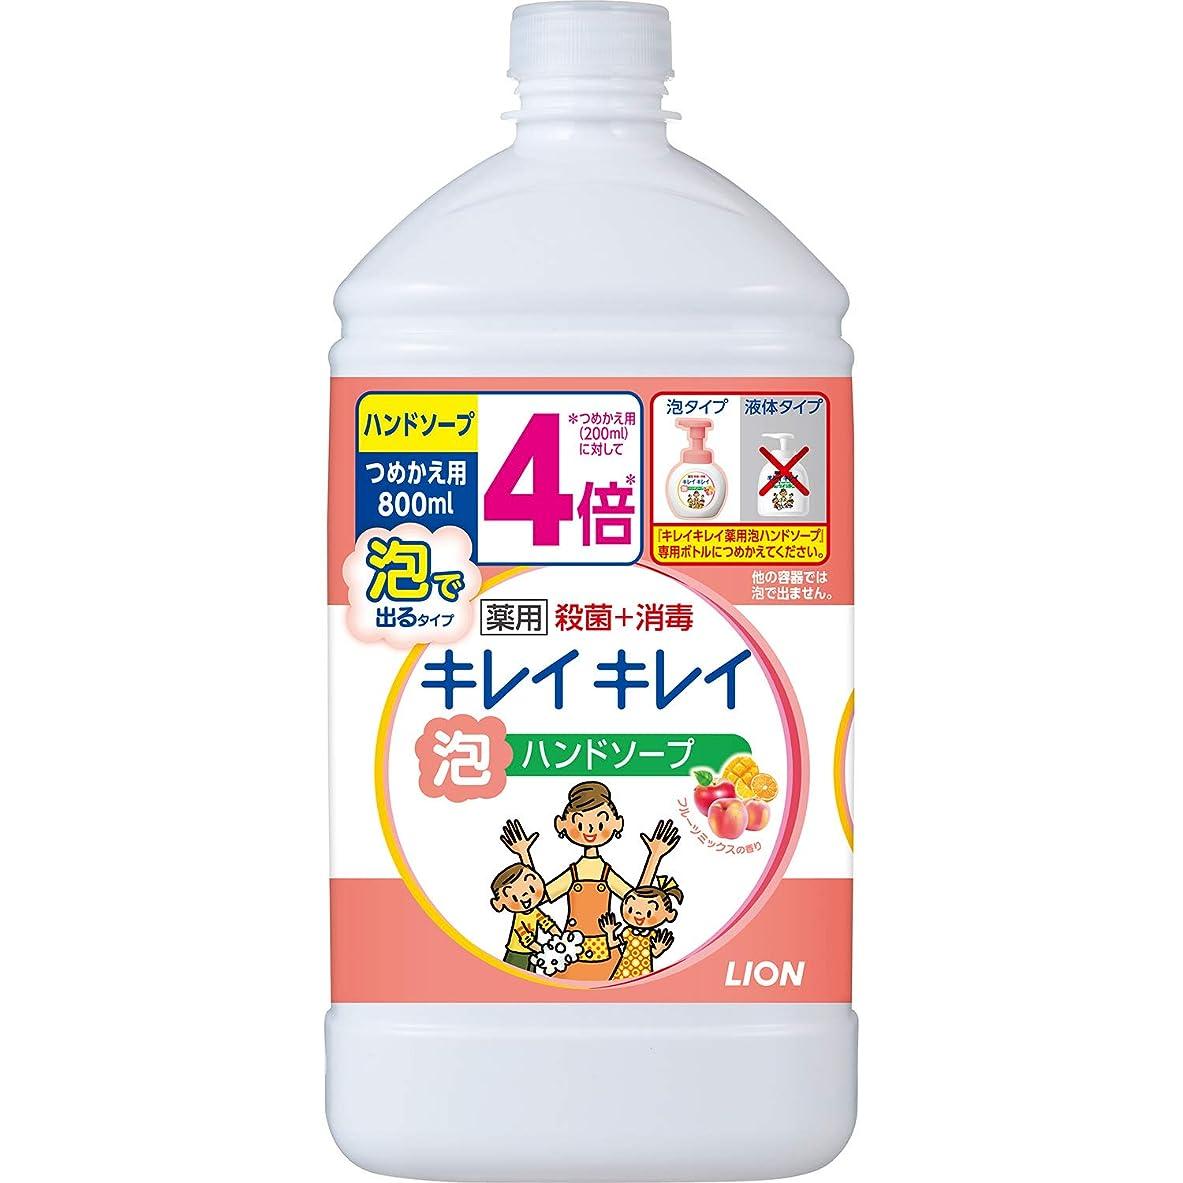 シャンプー箱ベジタリアン(医薬部外品)【大容量】キレイキレイ 薬用 泡ハンドソープ フルーツミックスの香り 詰め替え用 800ml